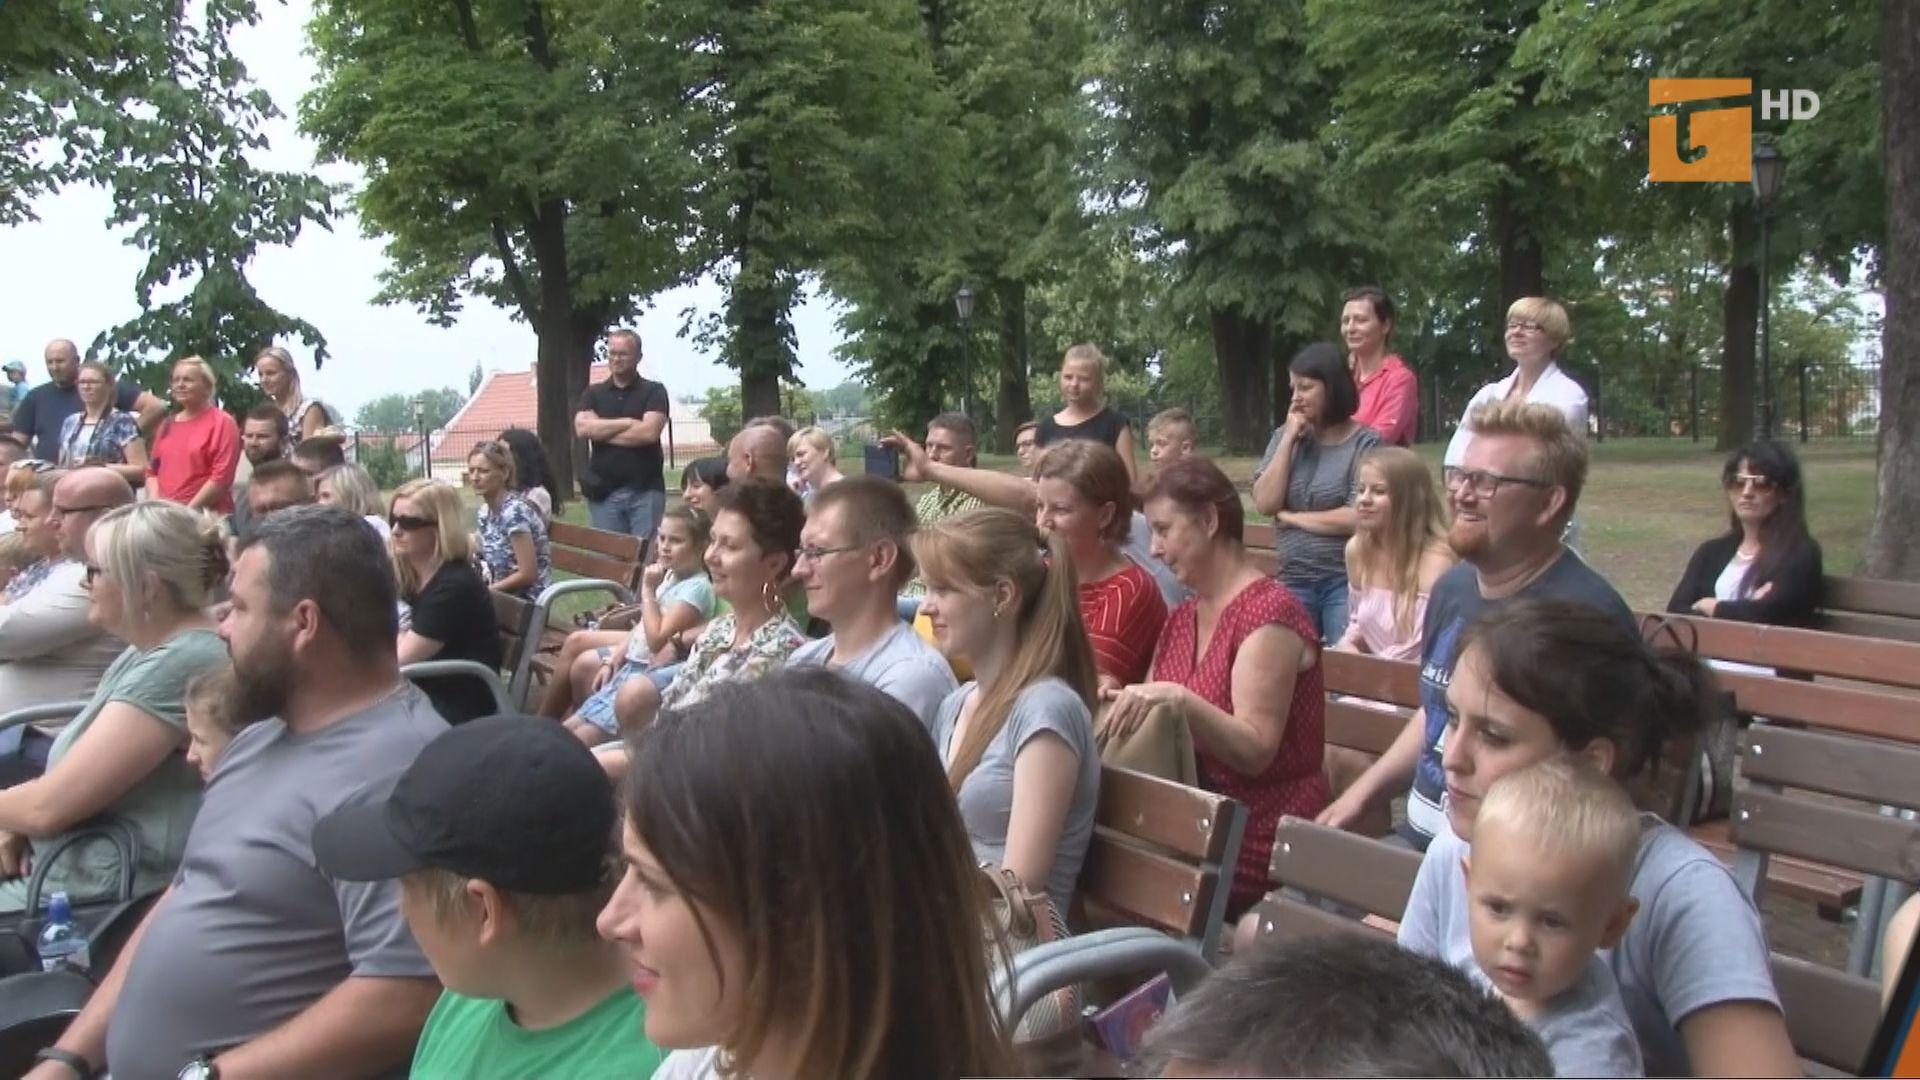 Imprezy miejskie wrócą najszybciej latem